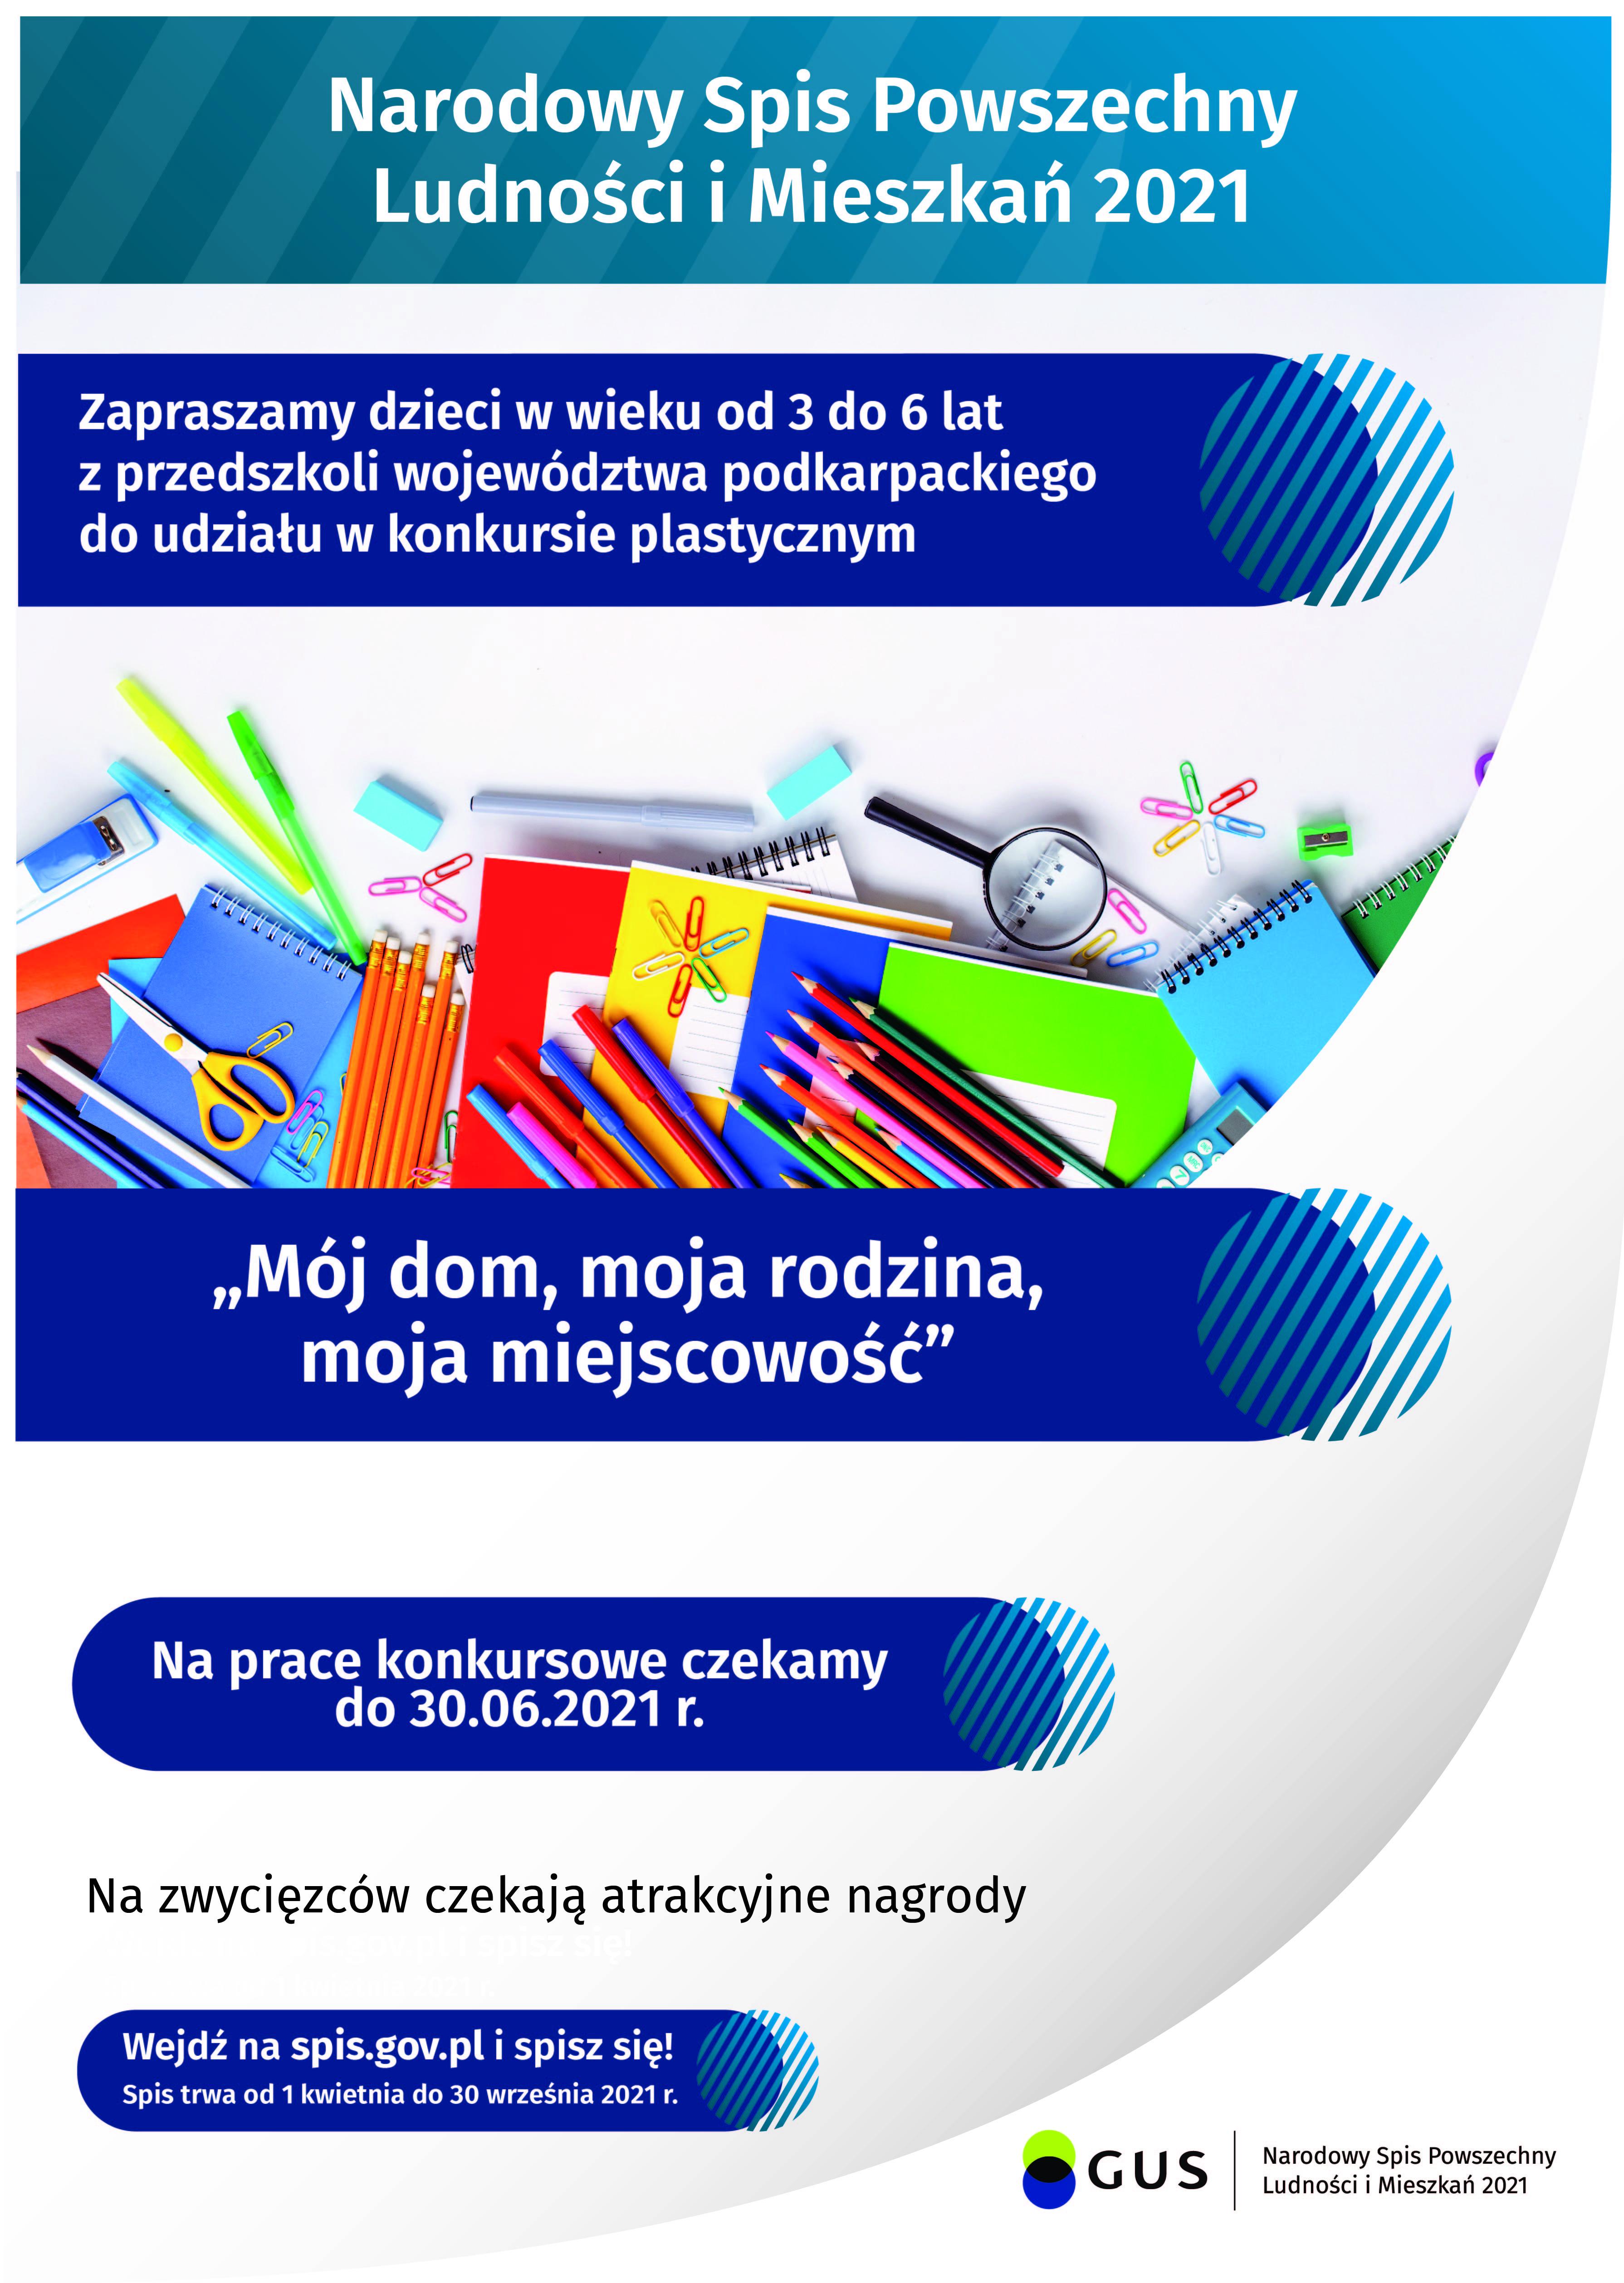 Plakat przedstawiający informacje nt. konkursu